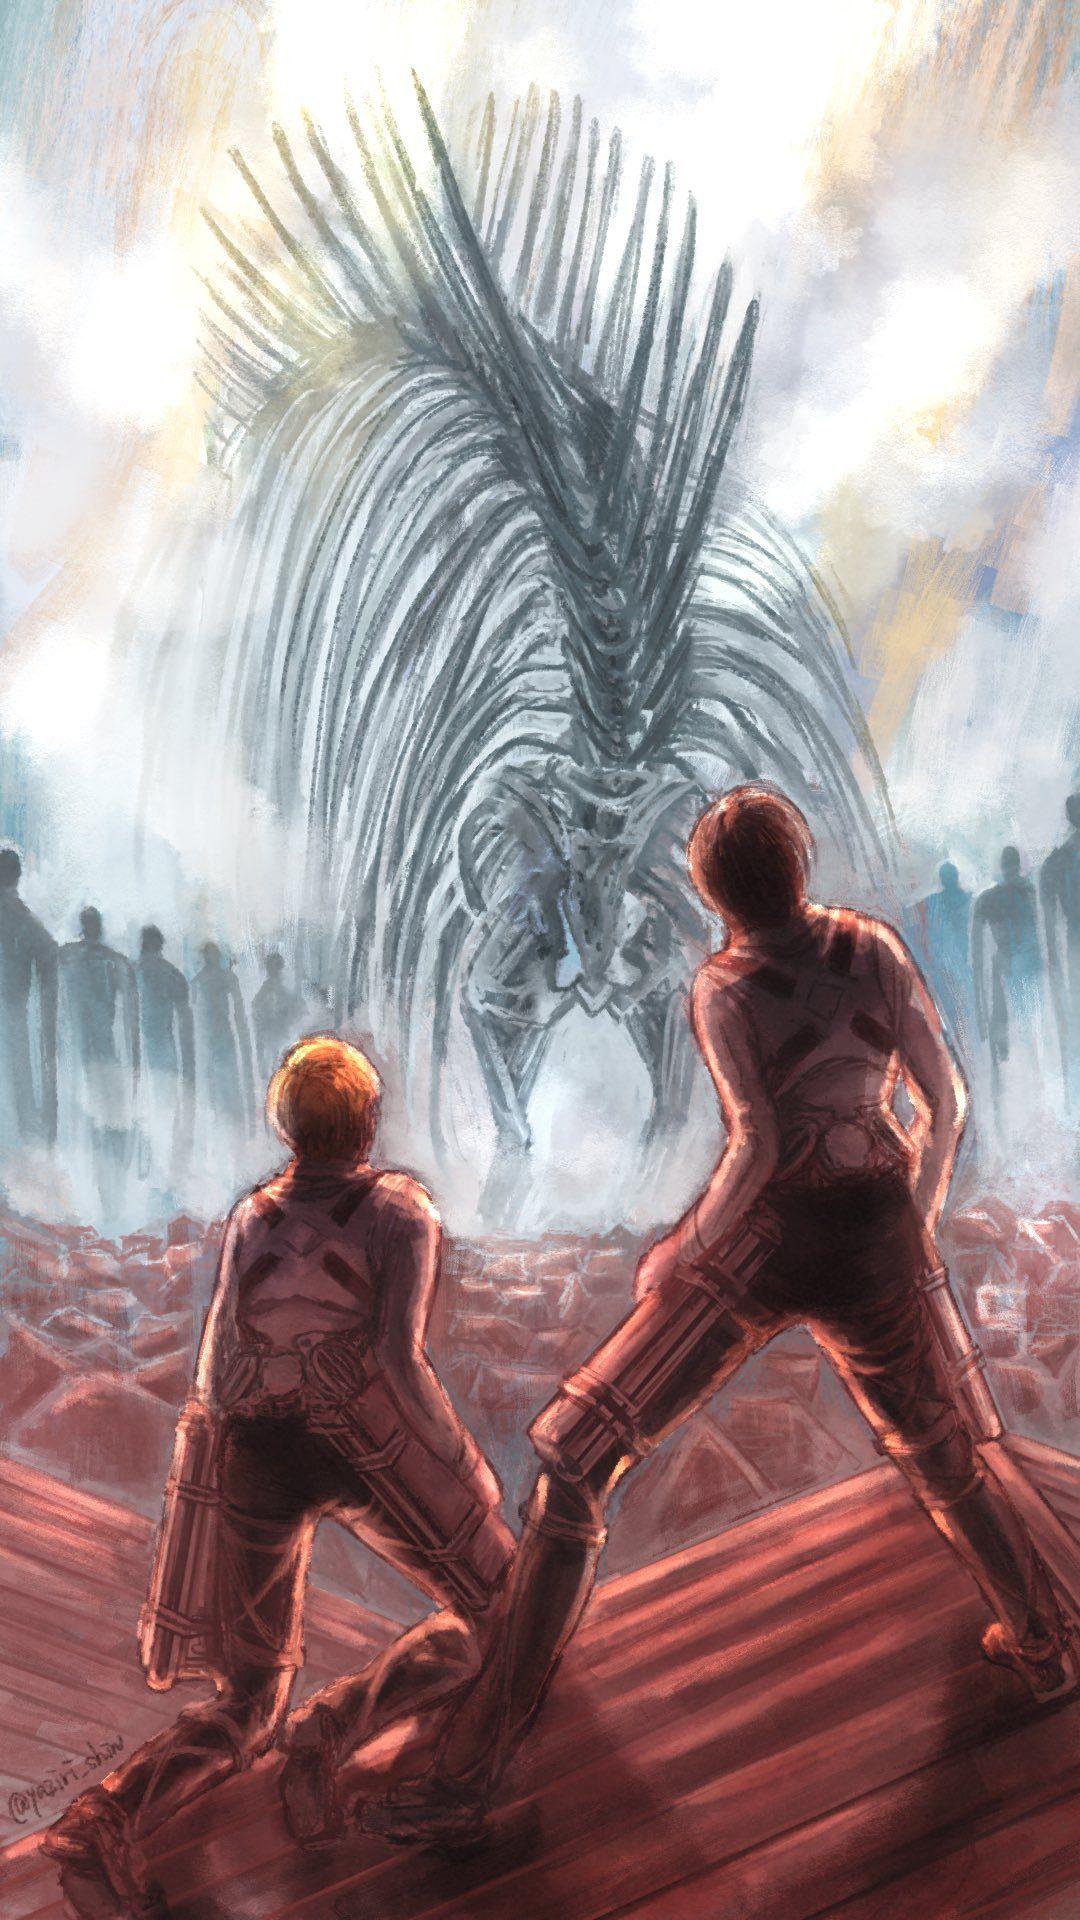 ごりらのやじり on Attack on titan anime, Attack on titan eren